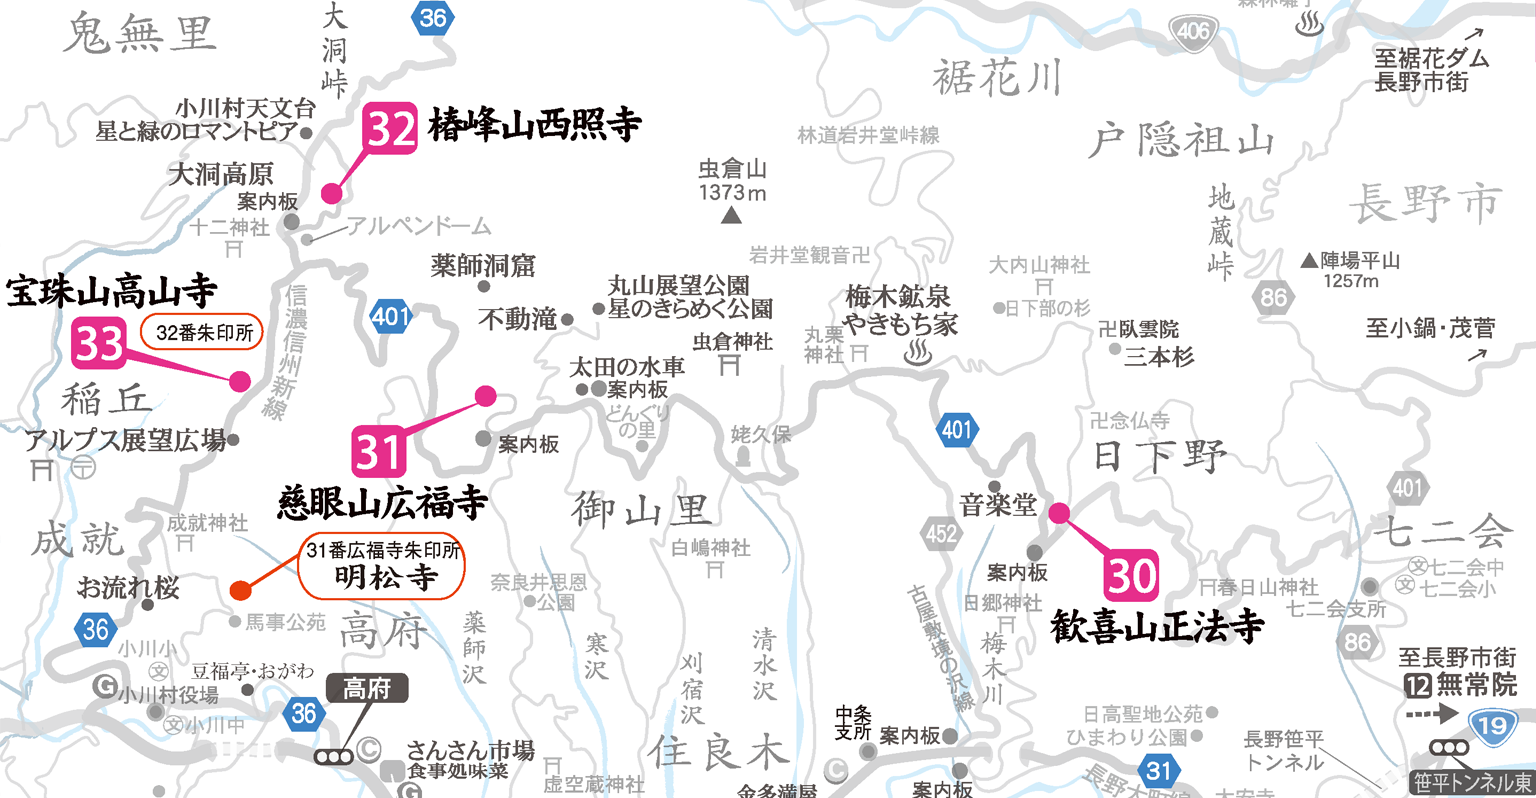 西山・戸隠街道エリア地図